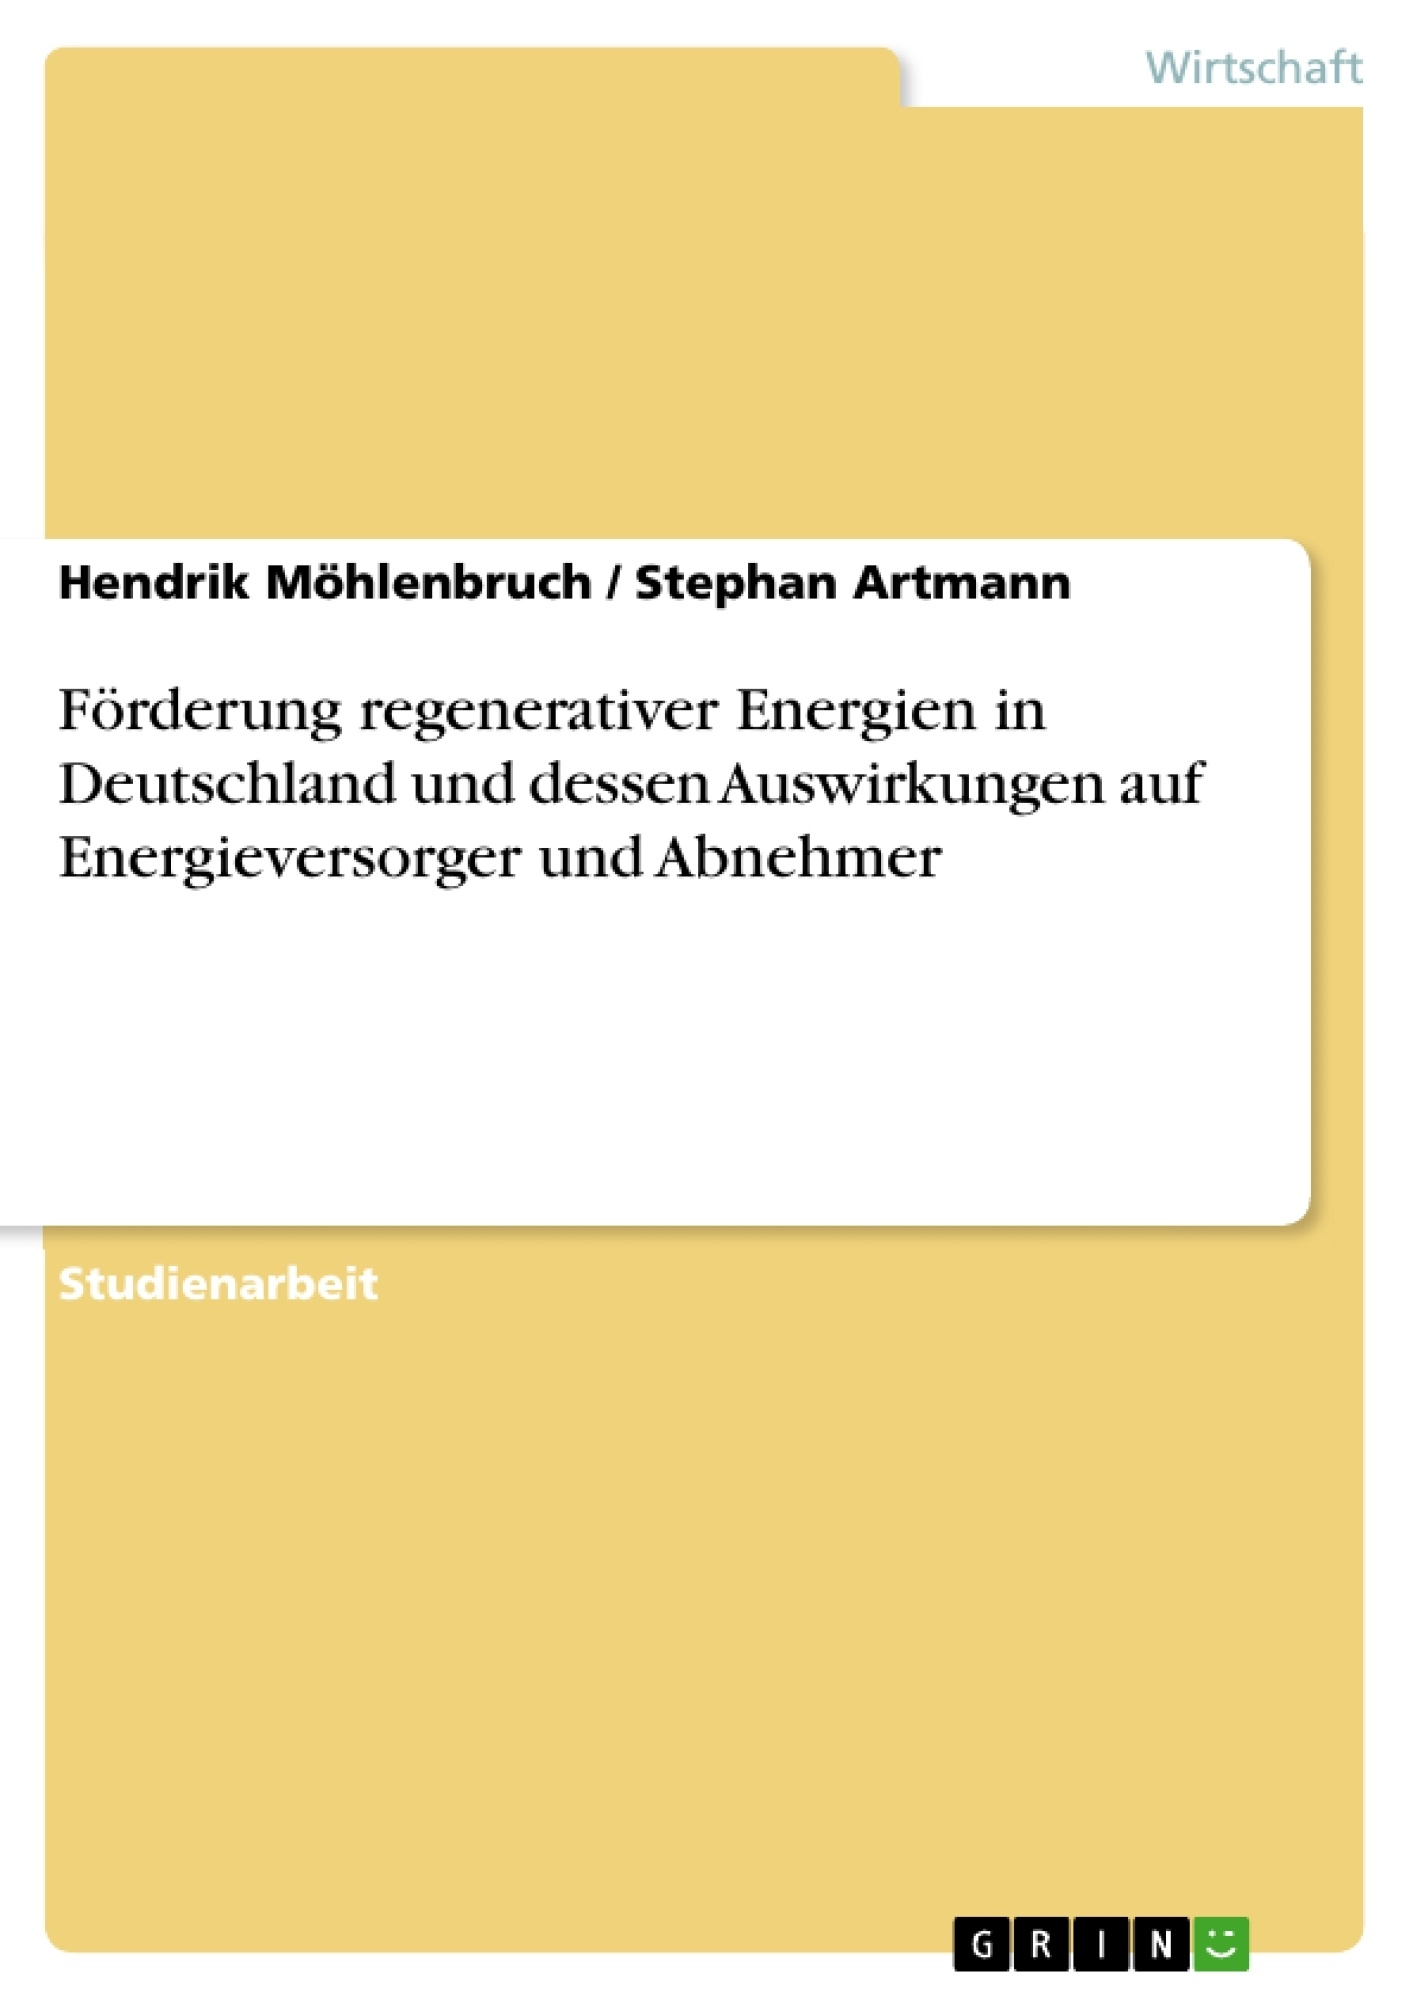 Titel: Förderung regenerativer Energien in Deutschland und dessen Auswirkungen auf Energieversorger und Abnehmer